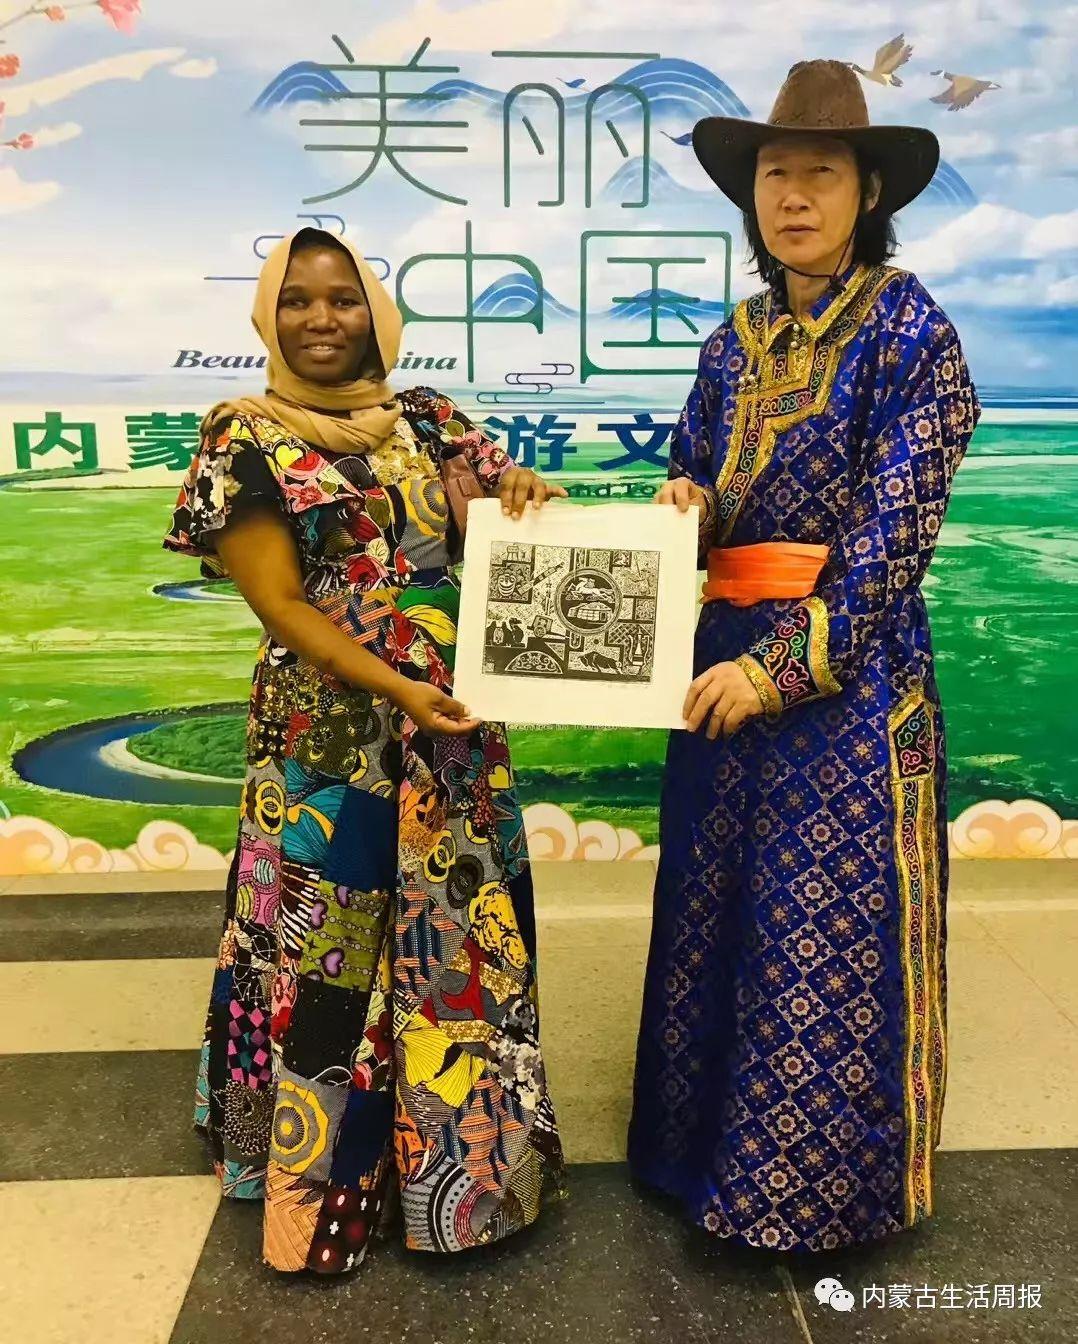 首次首次首次!蒙古版画在非洲引热议!? 第4张 首次首次首次!蒙古版画在非洲引热议!? 蒙古画廊